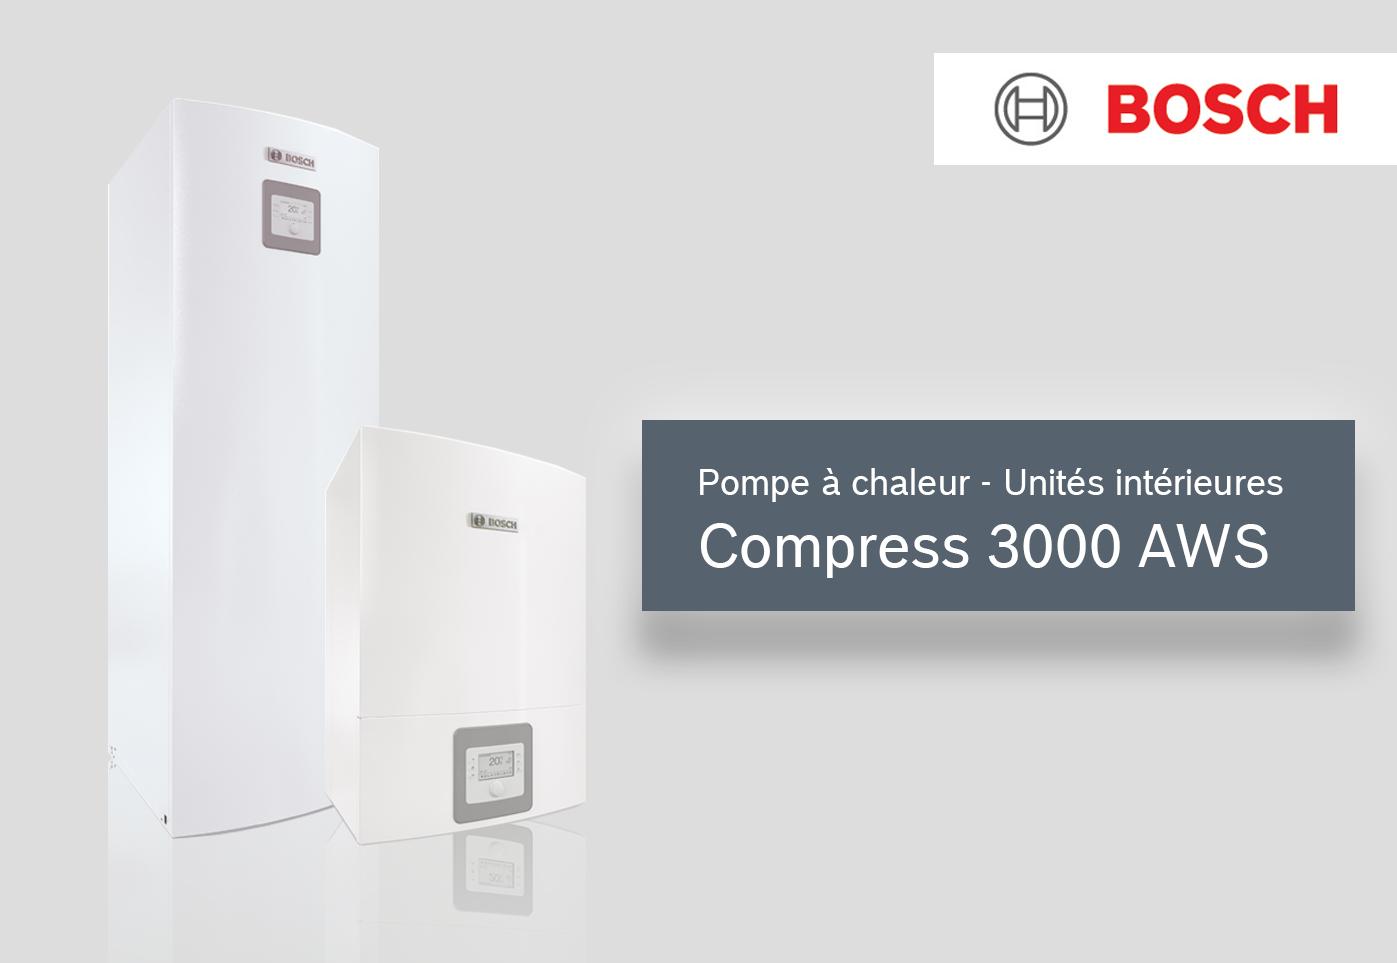 COMPRESS 3000 AWS unité intérieure